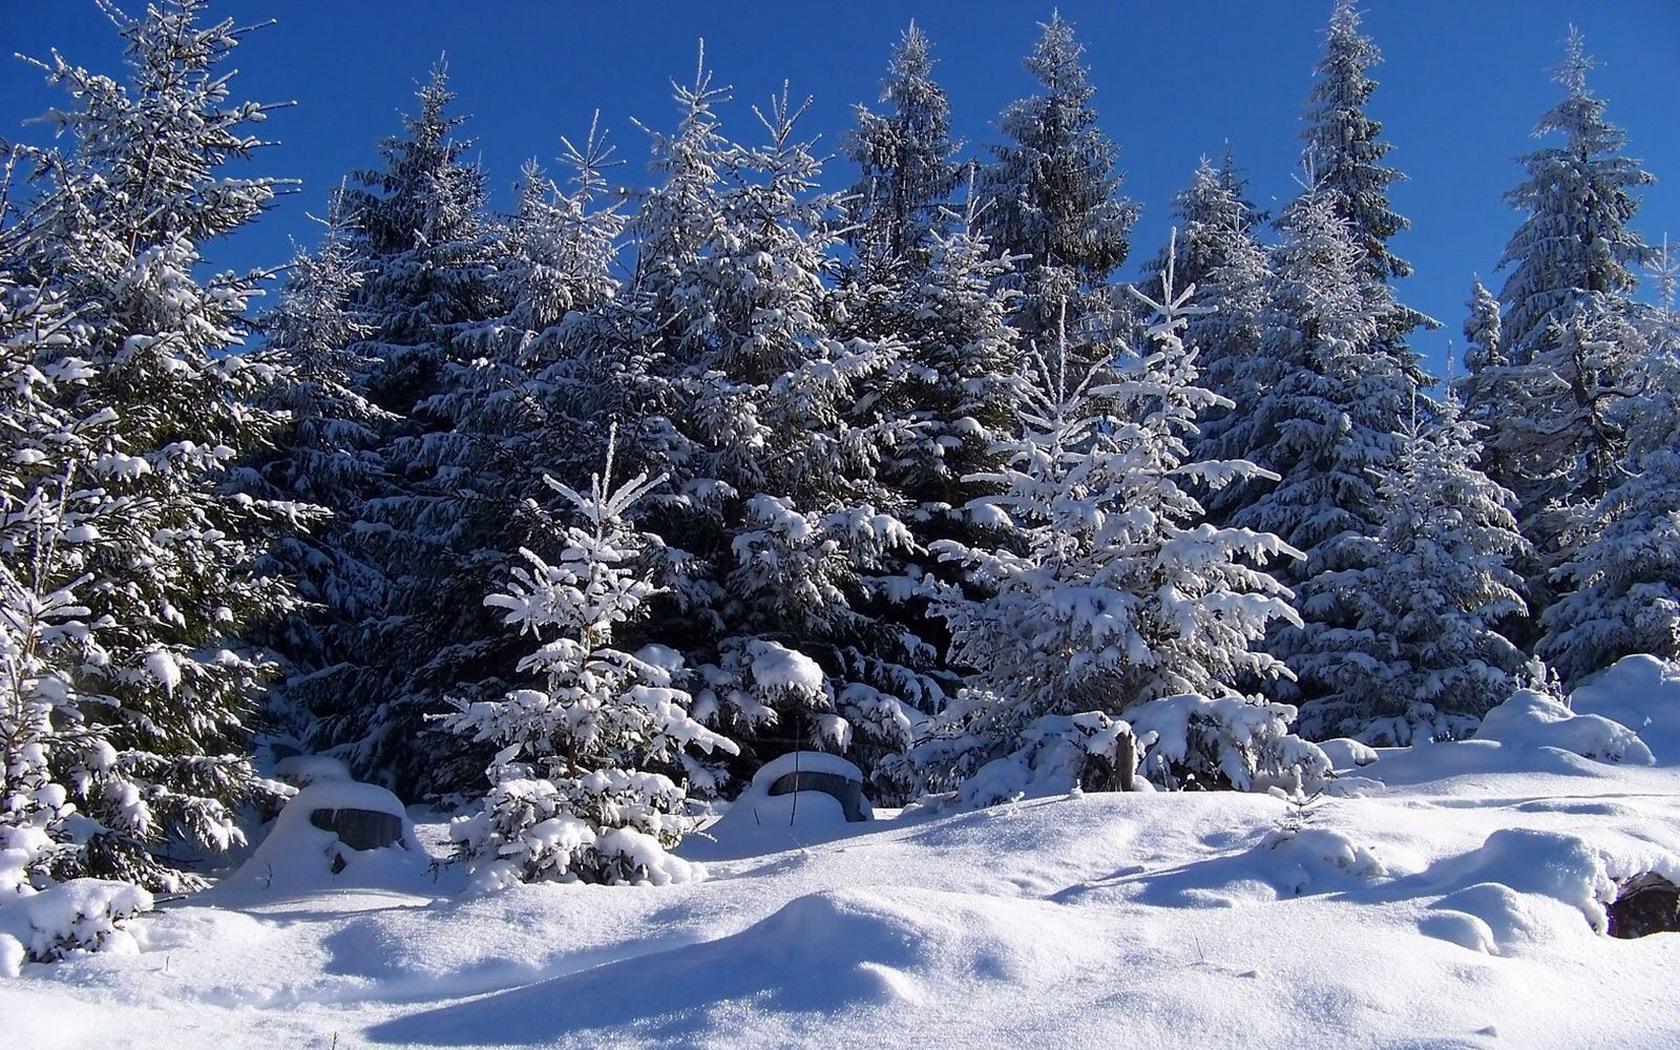 Зима новый год картинка на рабочий стол